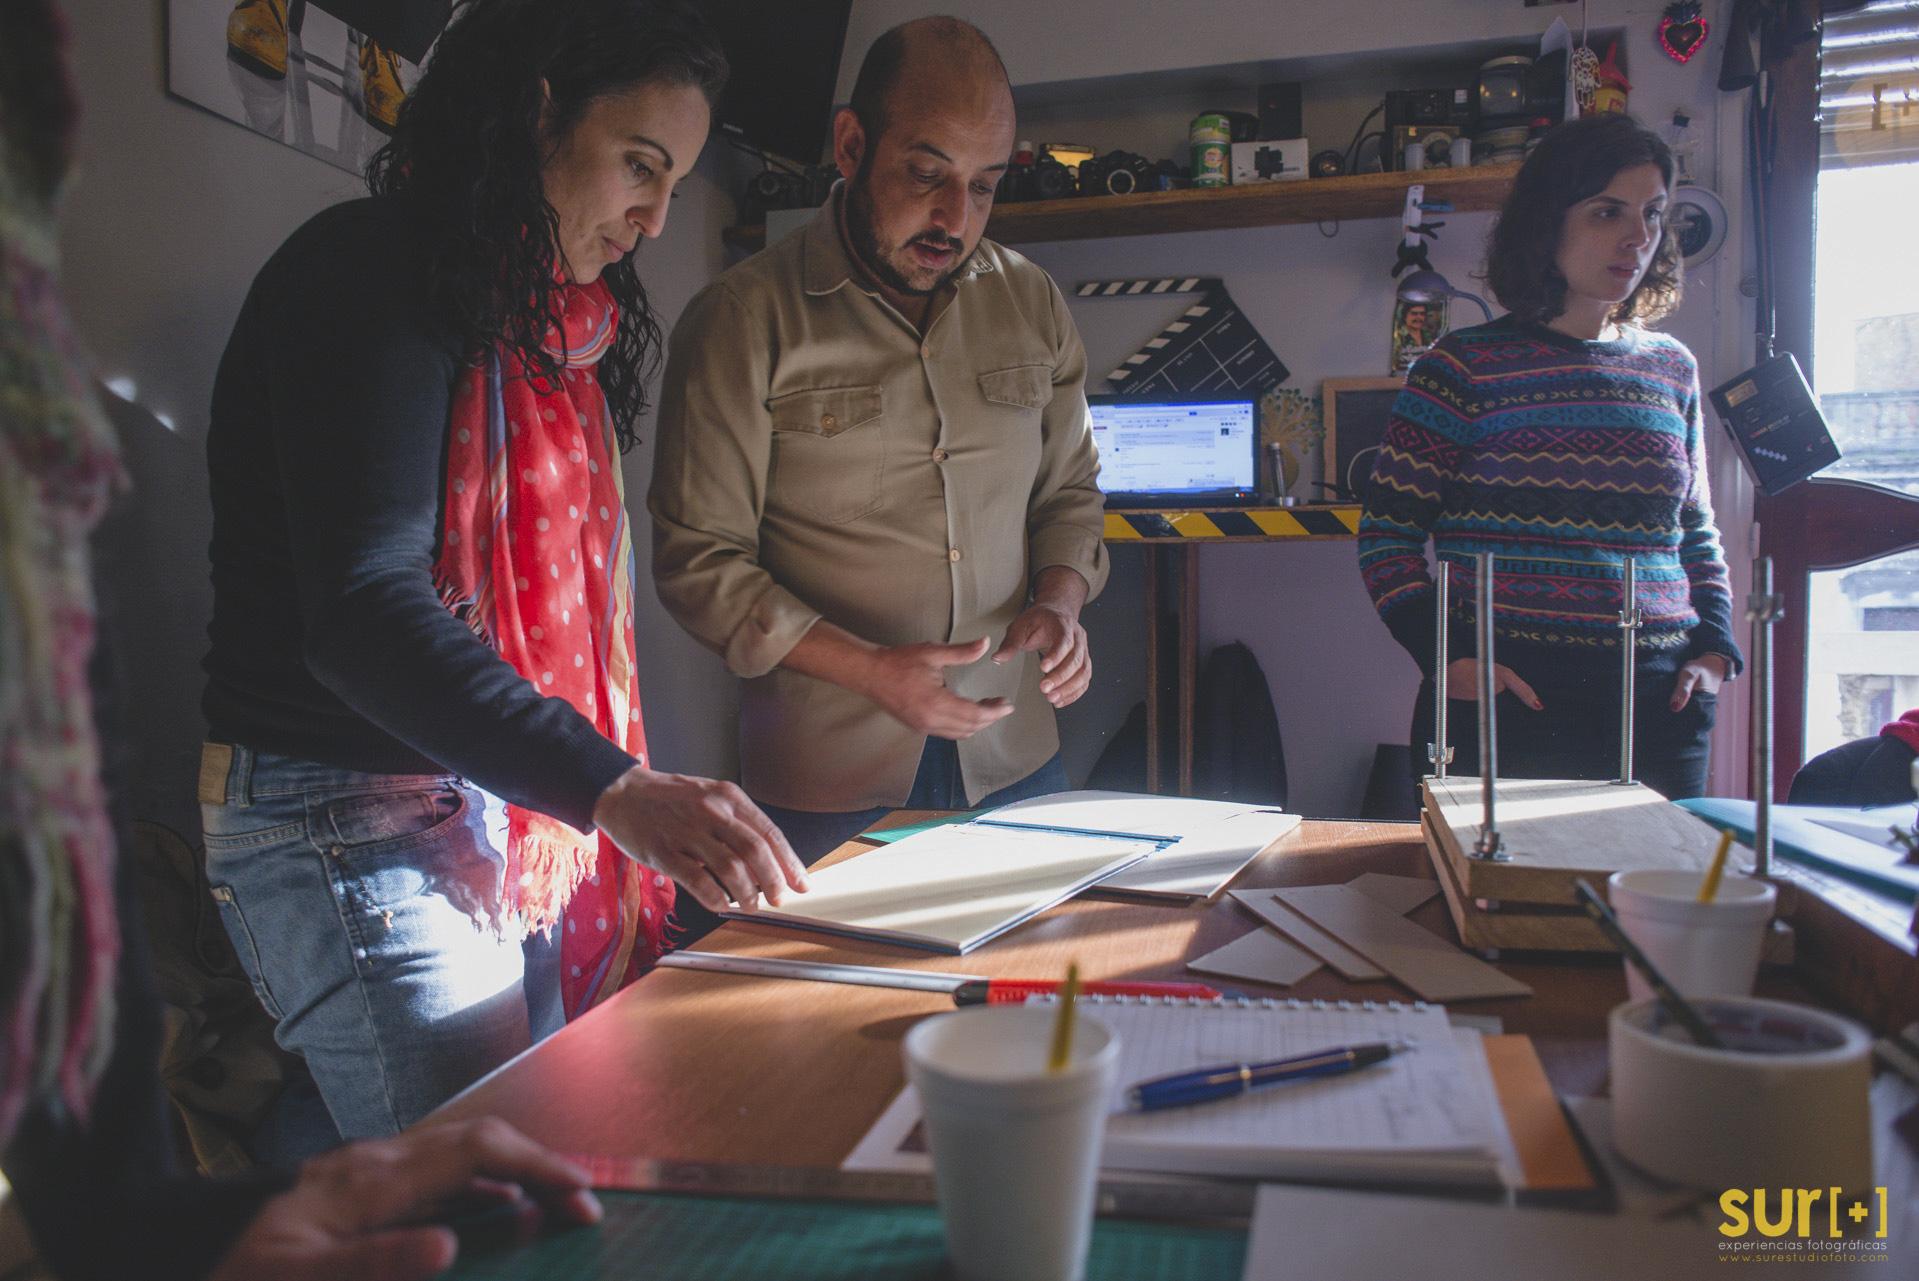 Workshop - Encuadernación Artesanal para Fotolibros